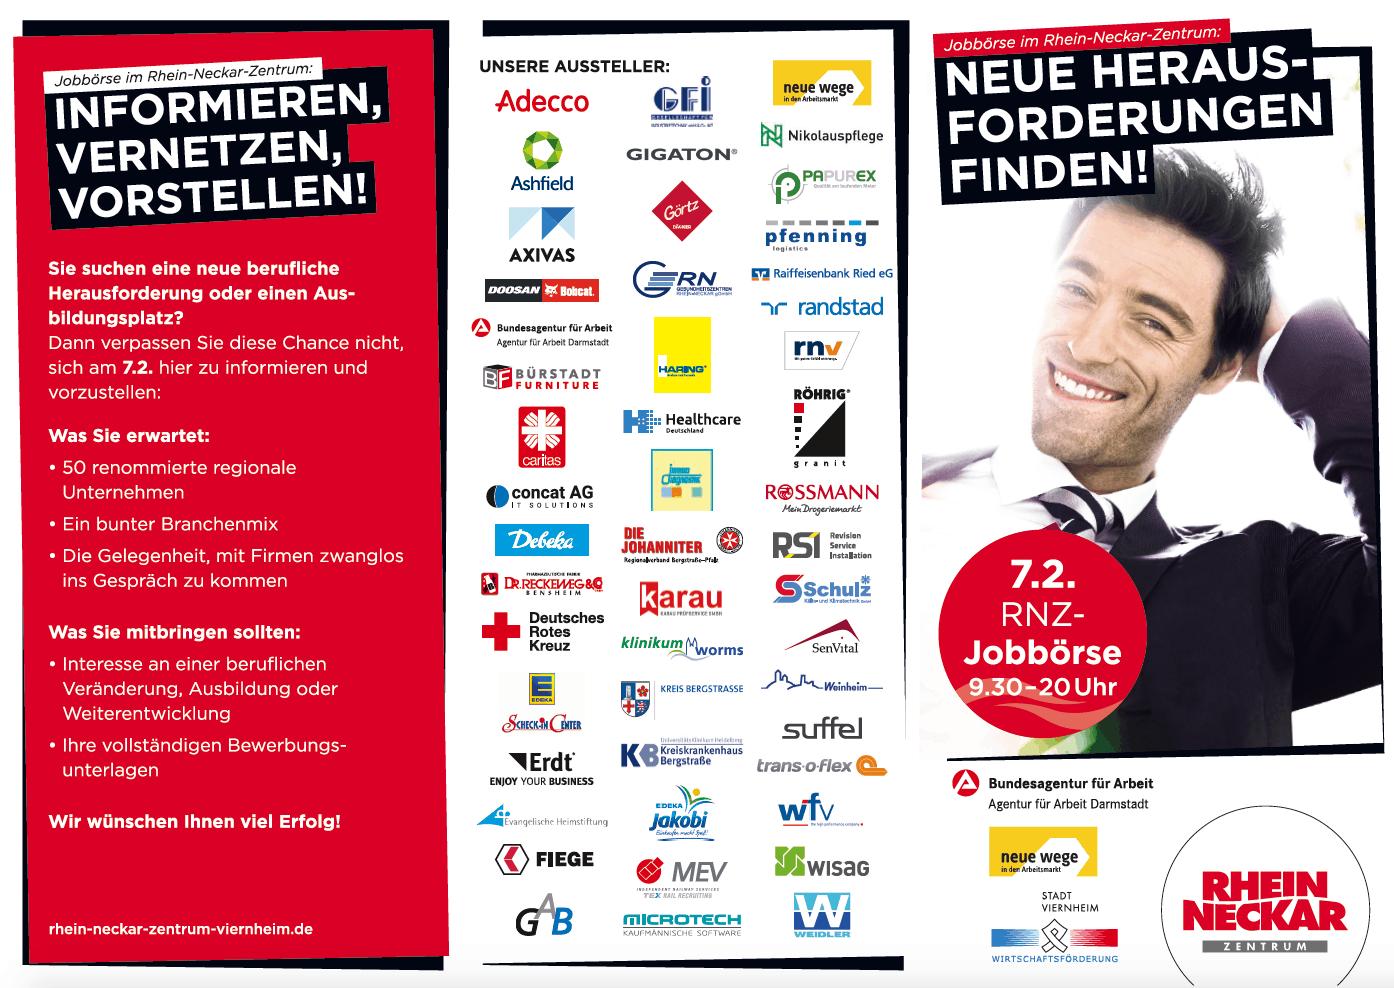 Informieren, vernetzen, bewerben: Erdt-Gruppe auf der Jobmesse im Rhein-Neckar-Zentrum Viernheim